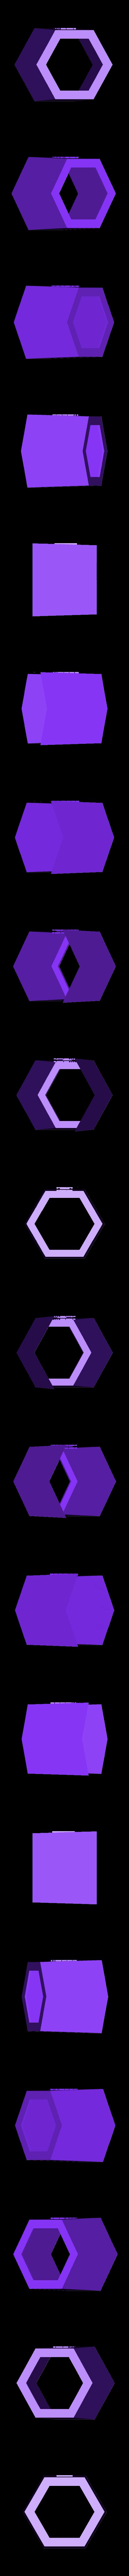 LH_hexa_body2_fixed_oben_v2.stl Télécharger fichier STL gratuit Phare • Modèle pour impression 3D, jteix